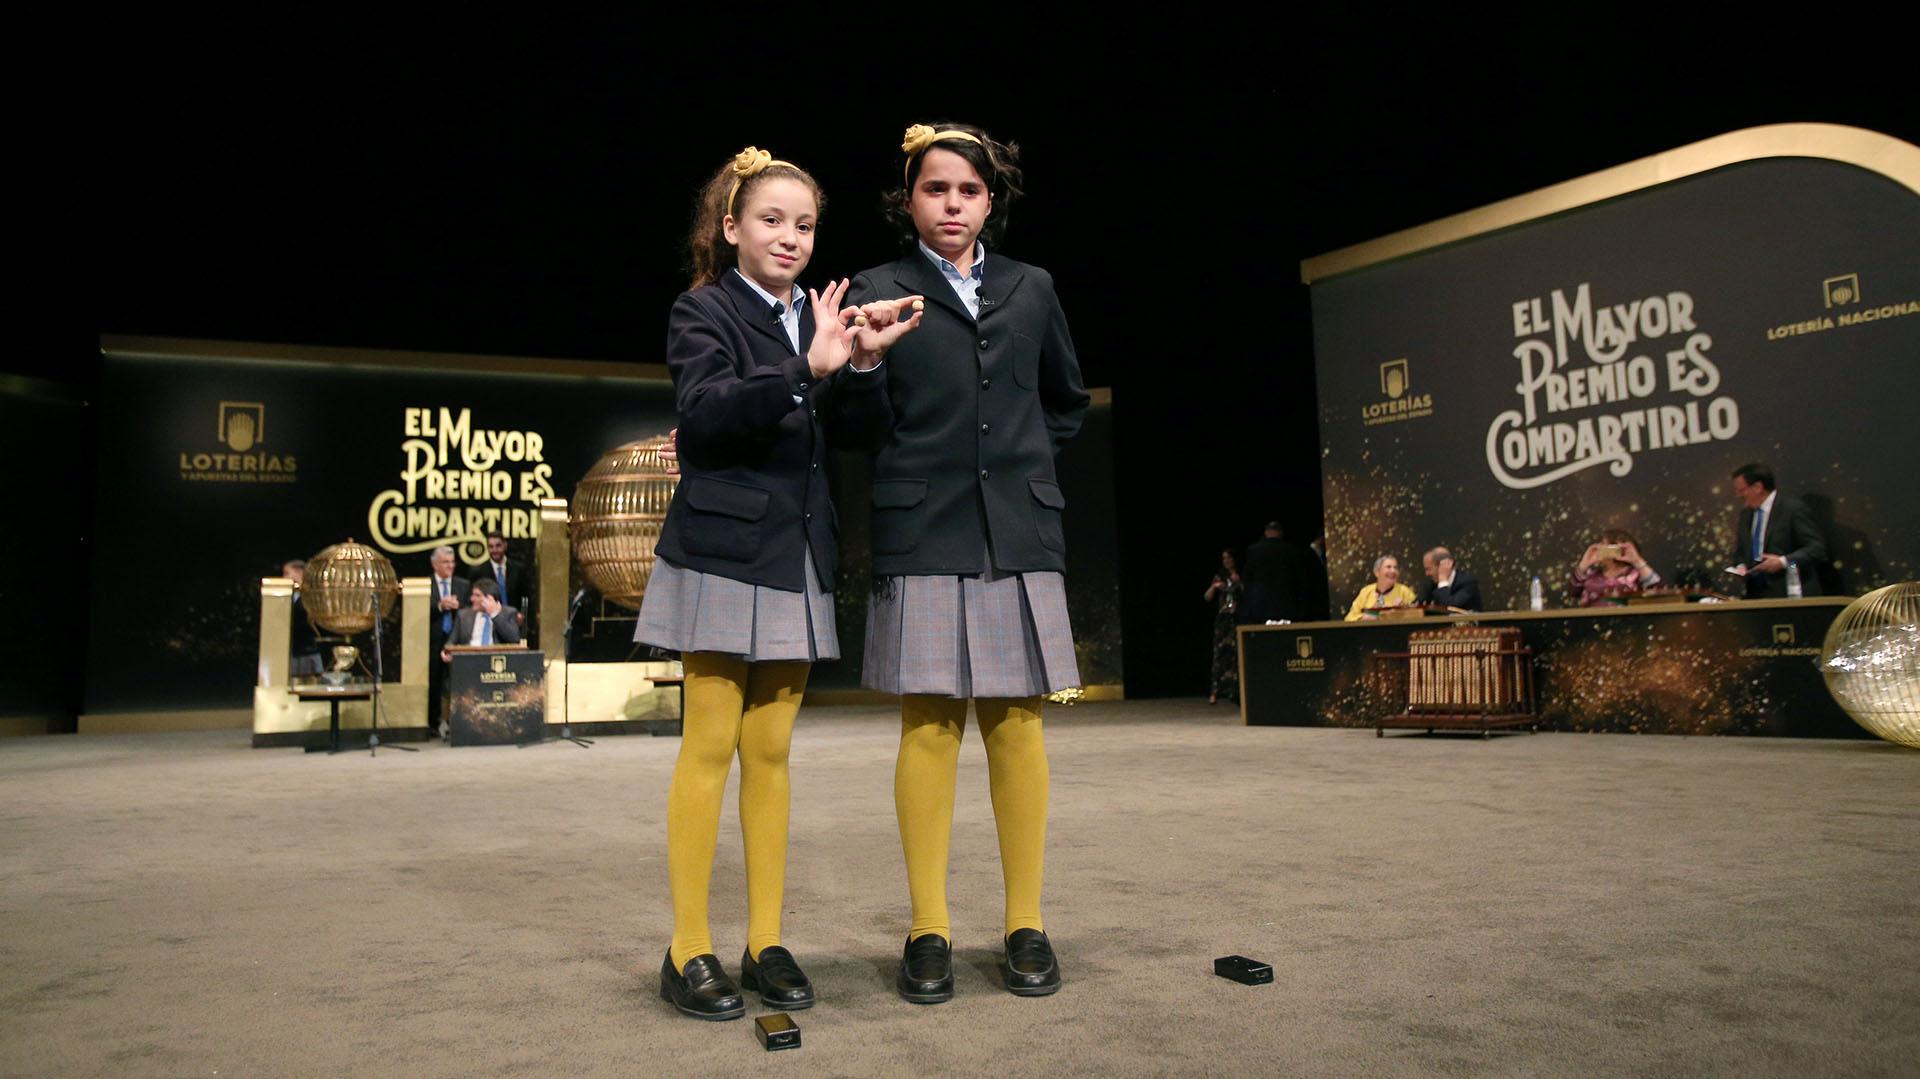 """Es tradición que estudiantes anuncien a los ganadores de """"El Gordo"""" de la lotería (Foto: REUTERS/Javier Barbancho)"""